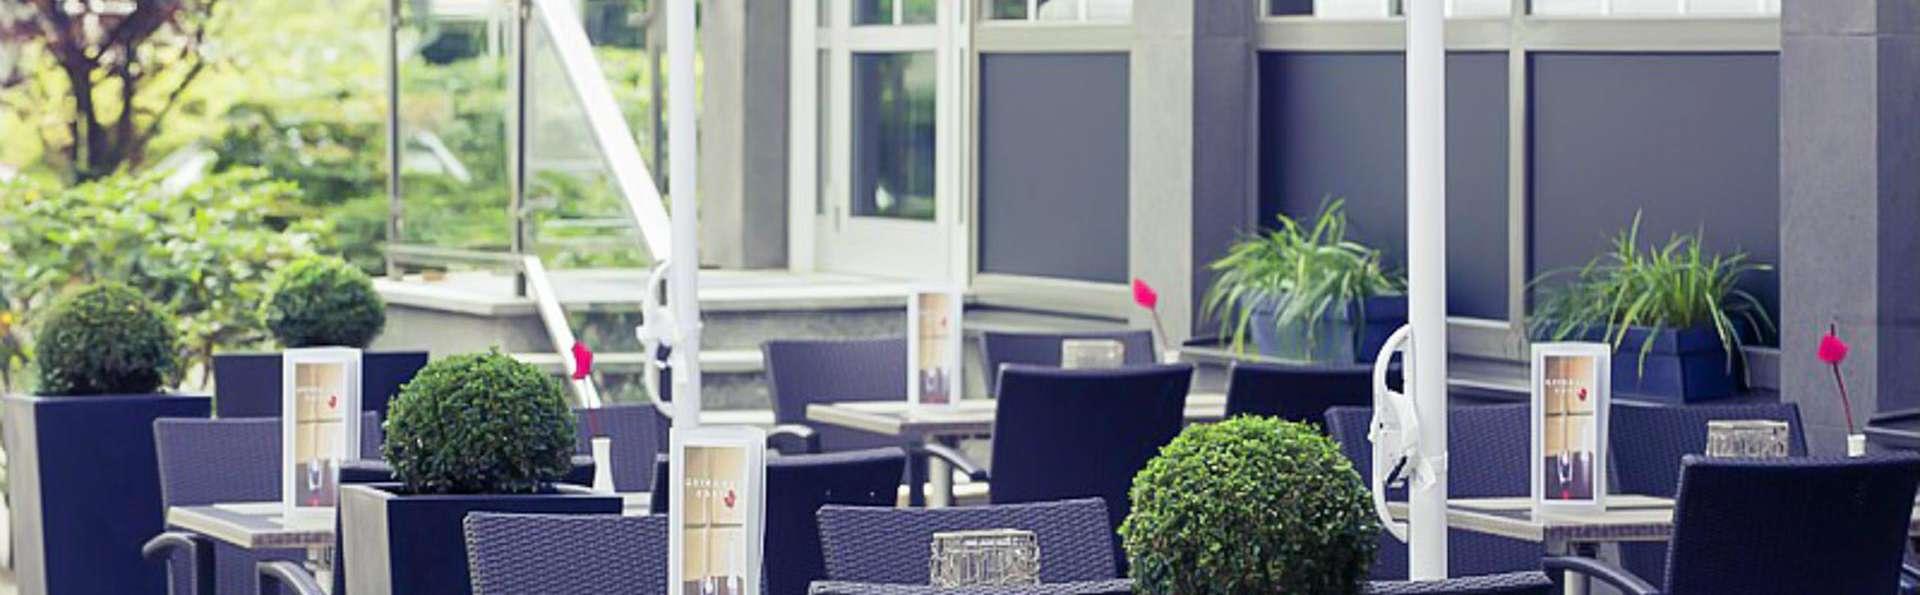 Mercure Hotel Köln Belfortstrasse - EDIT_TERRACE_01.jpg